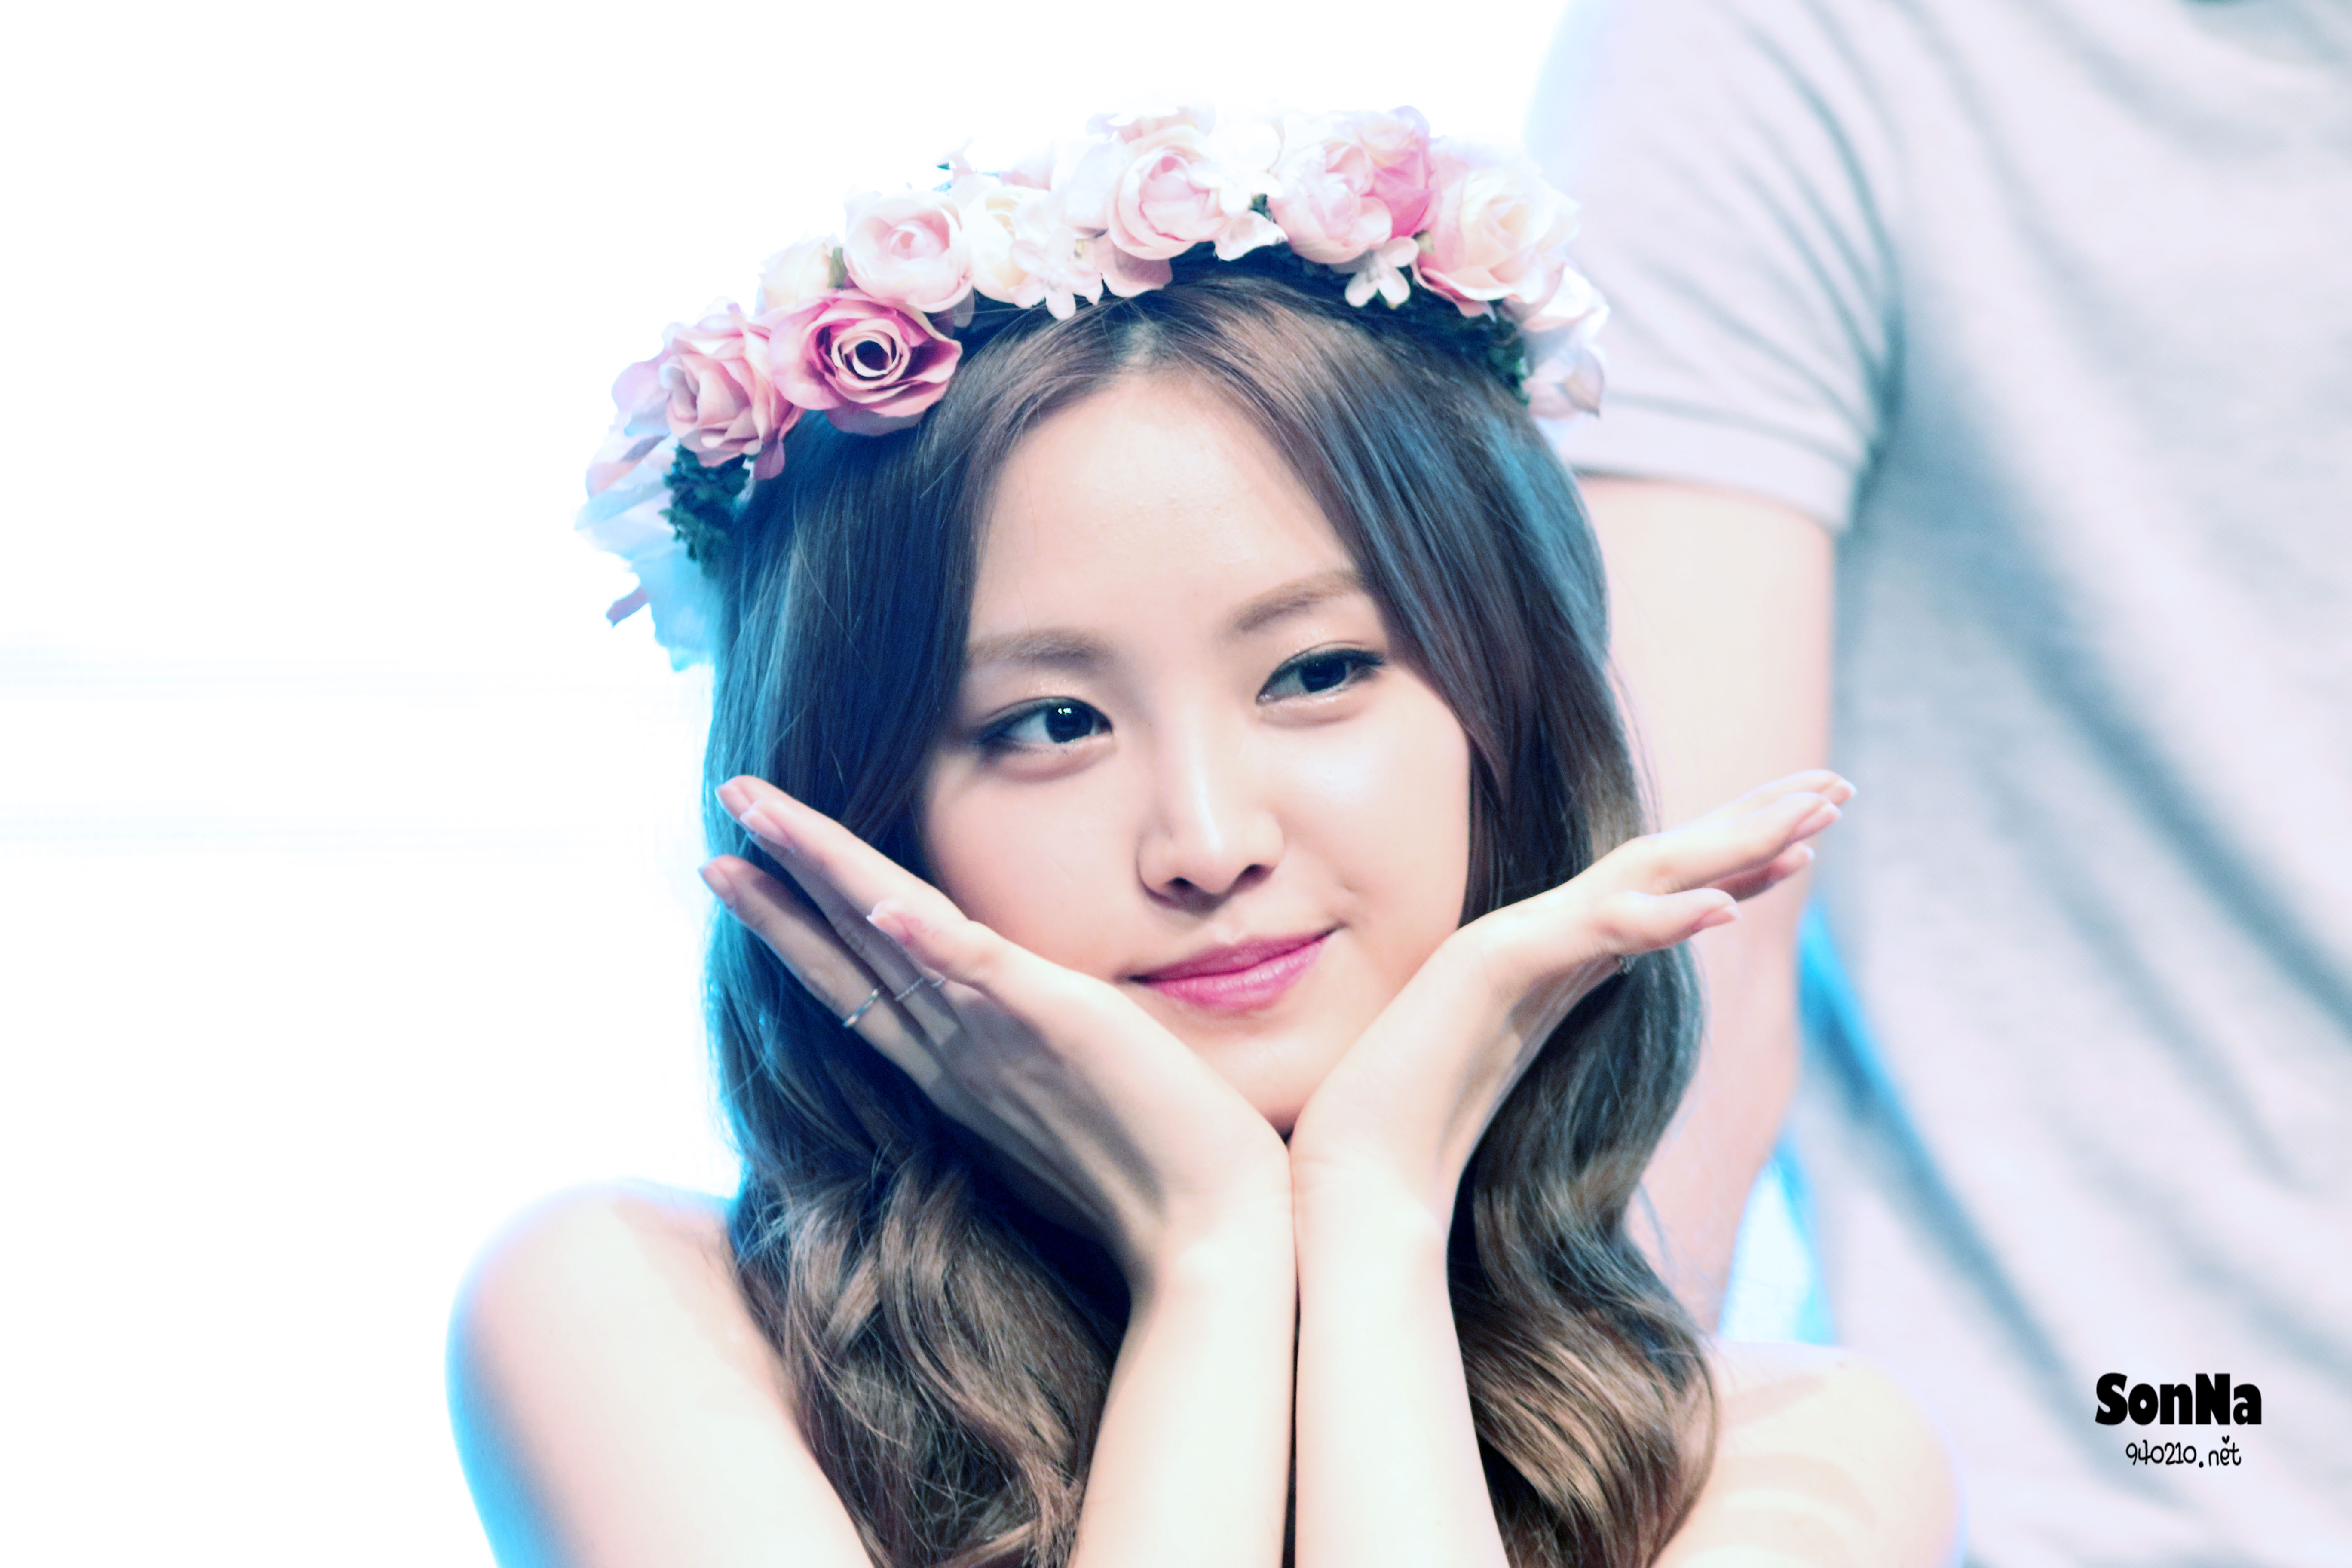 Son Na Eun Wallpaper 38702 Asiachan Kpop Image Board